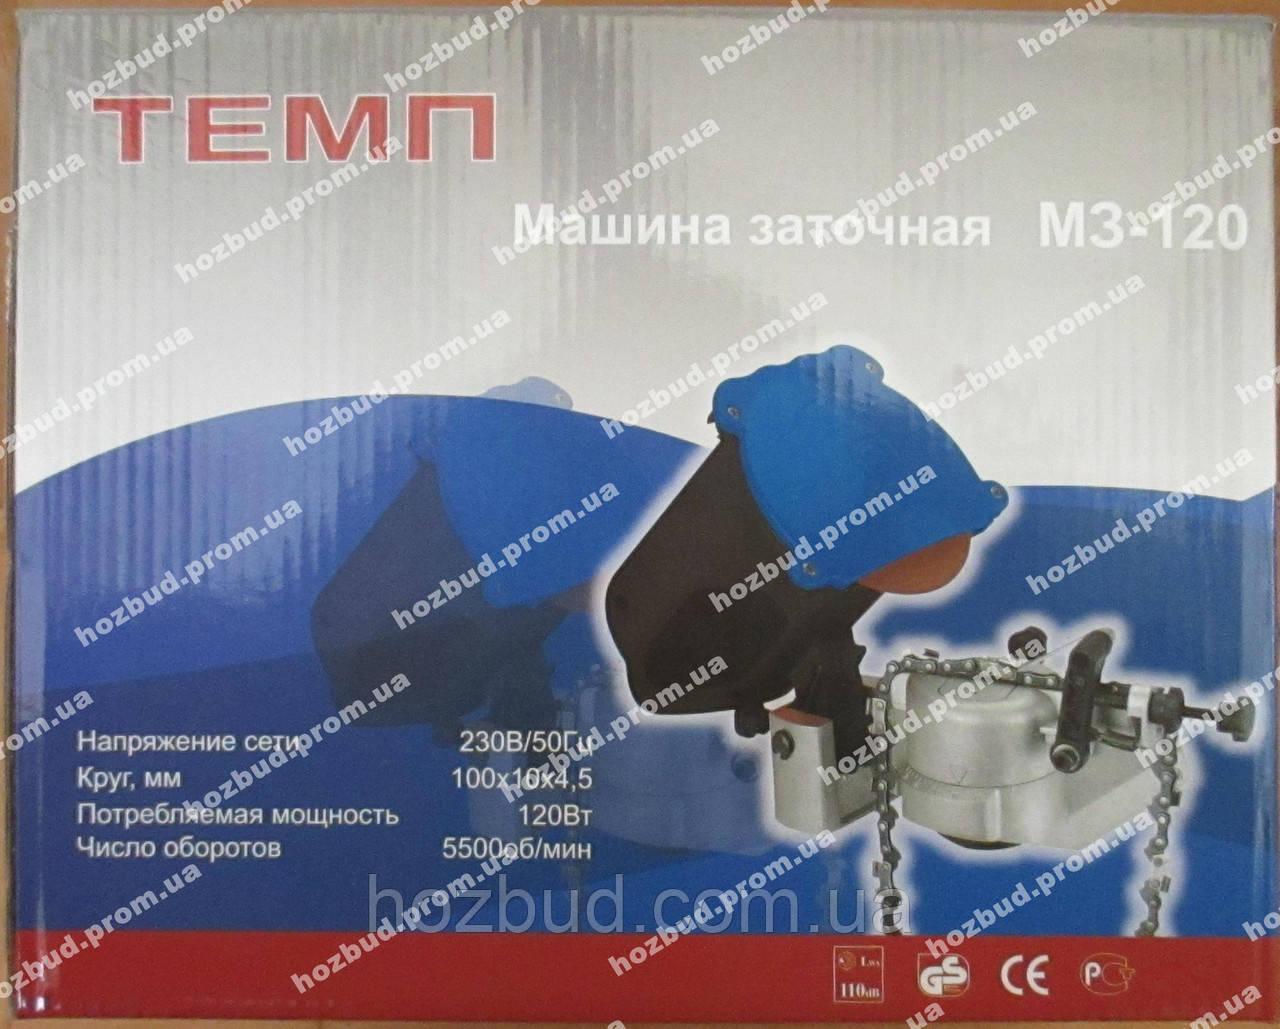 Станок для заточки цепей ТЕМП МЗ-120